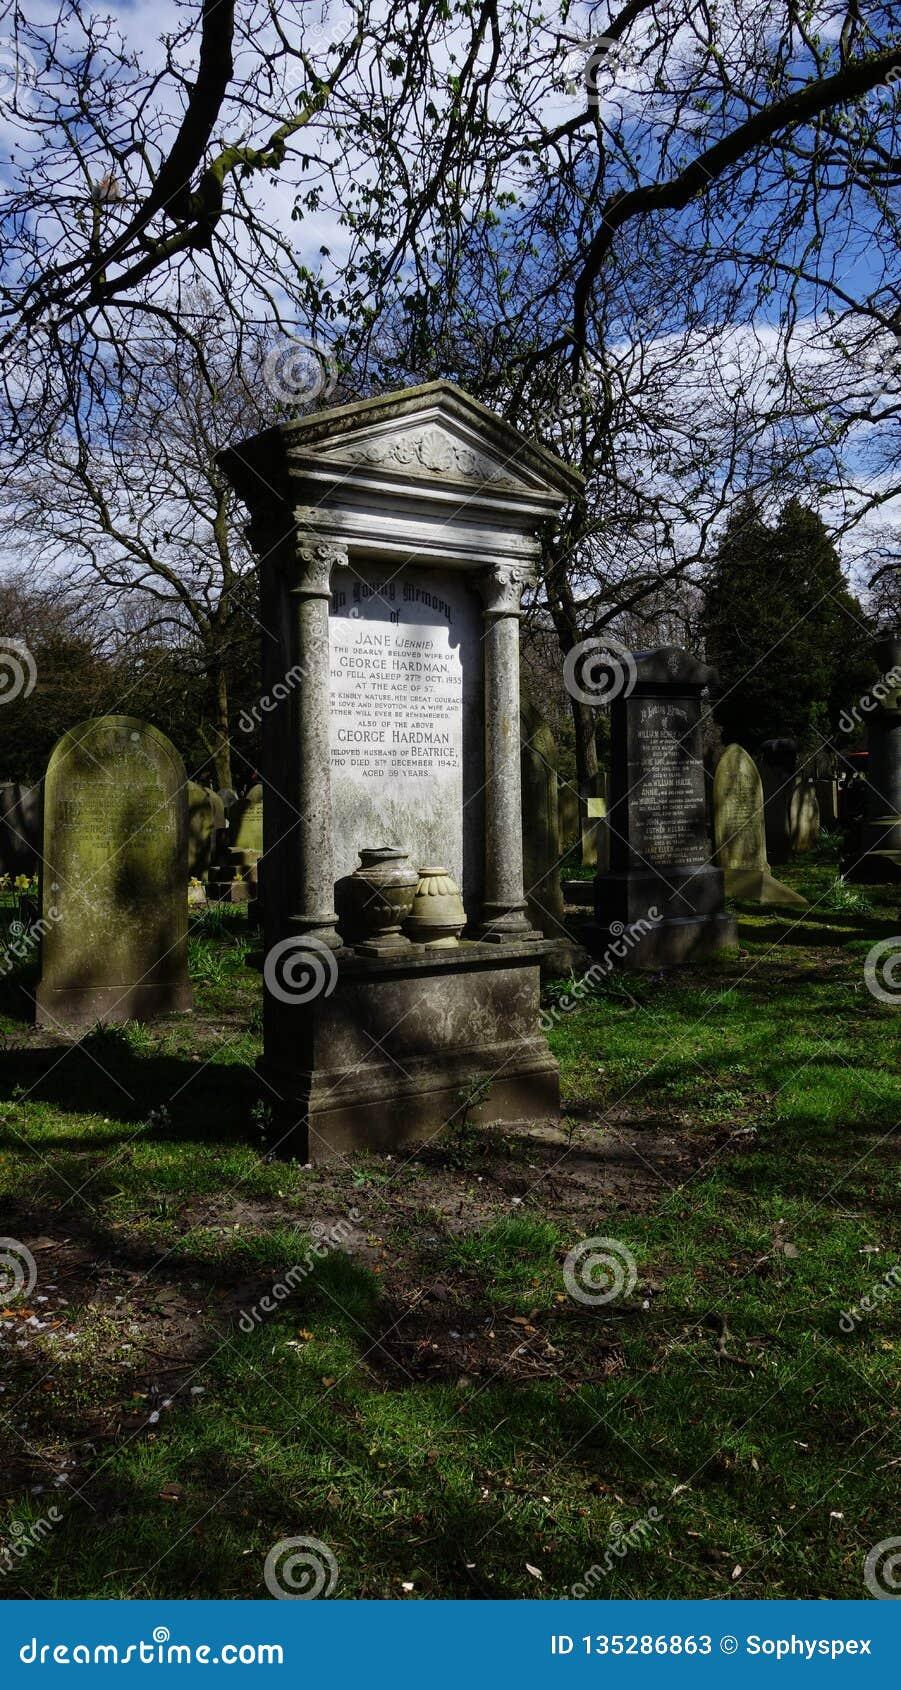 墓石在森林地坟园